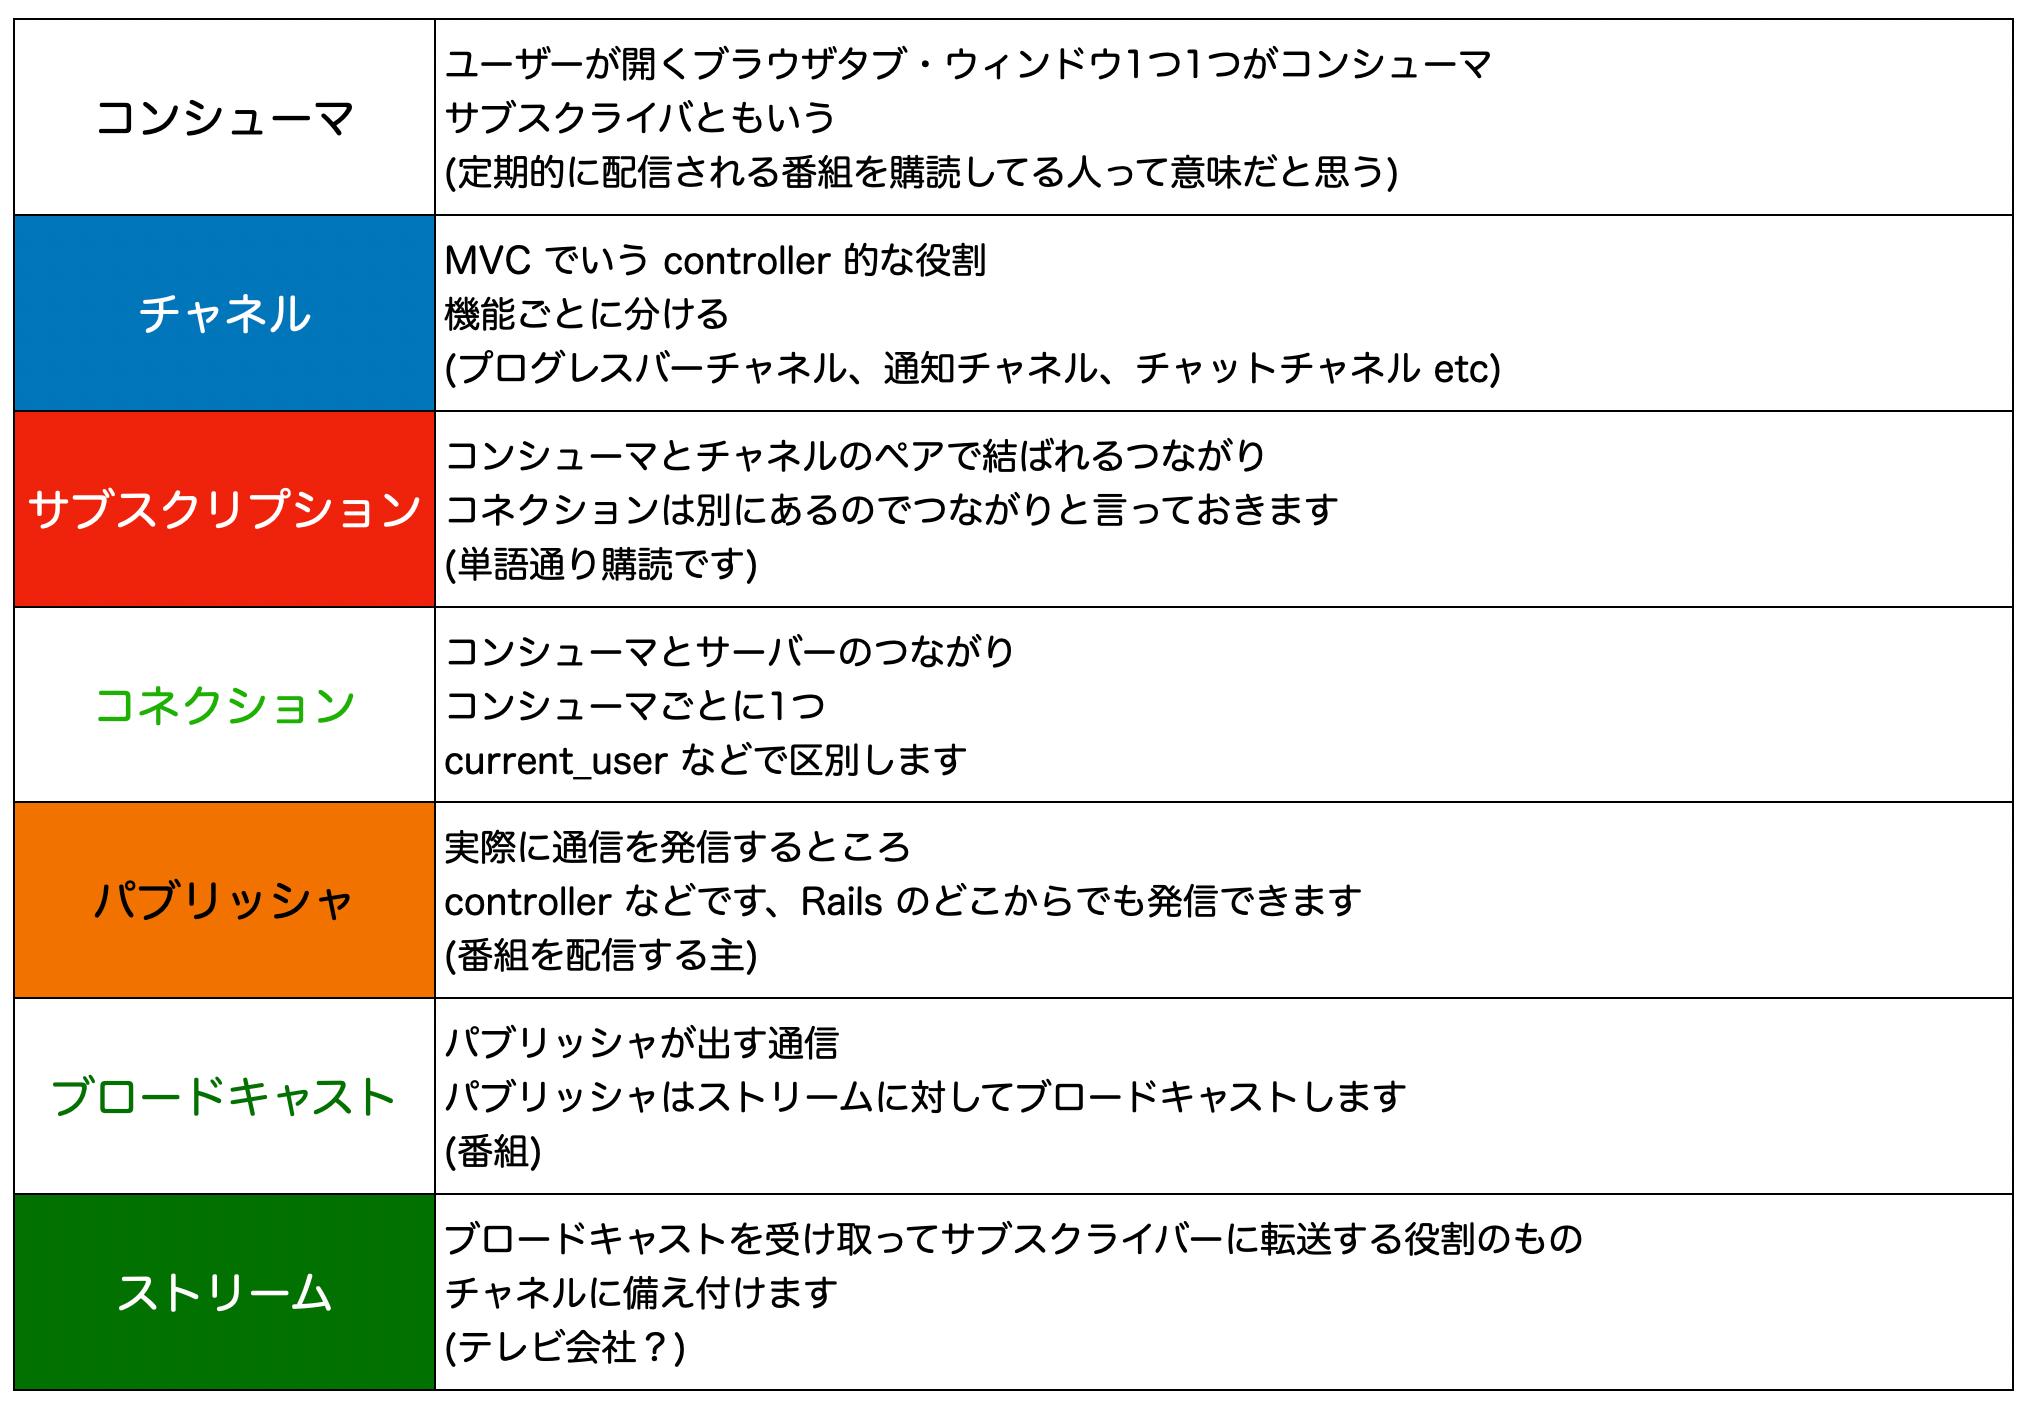 スクリーンショット 2020-08-20 0.21.08.png